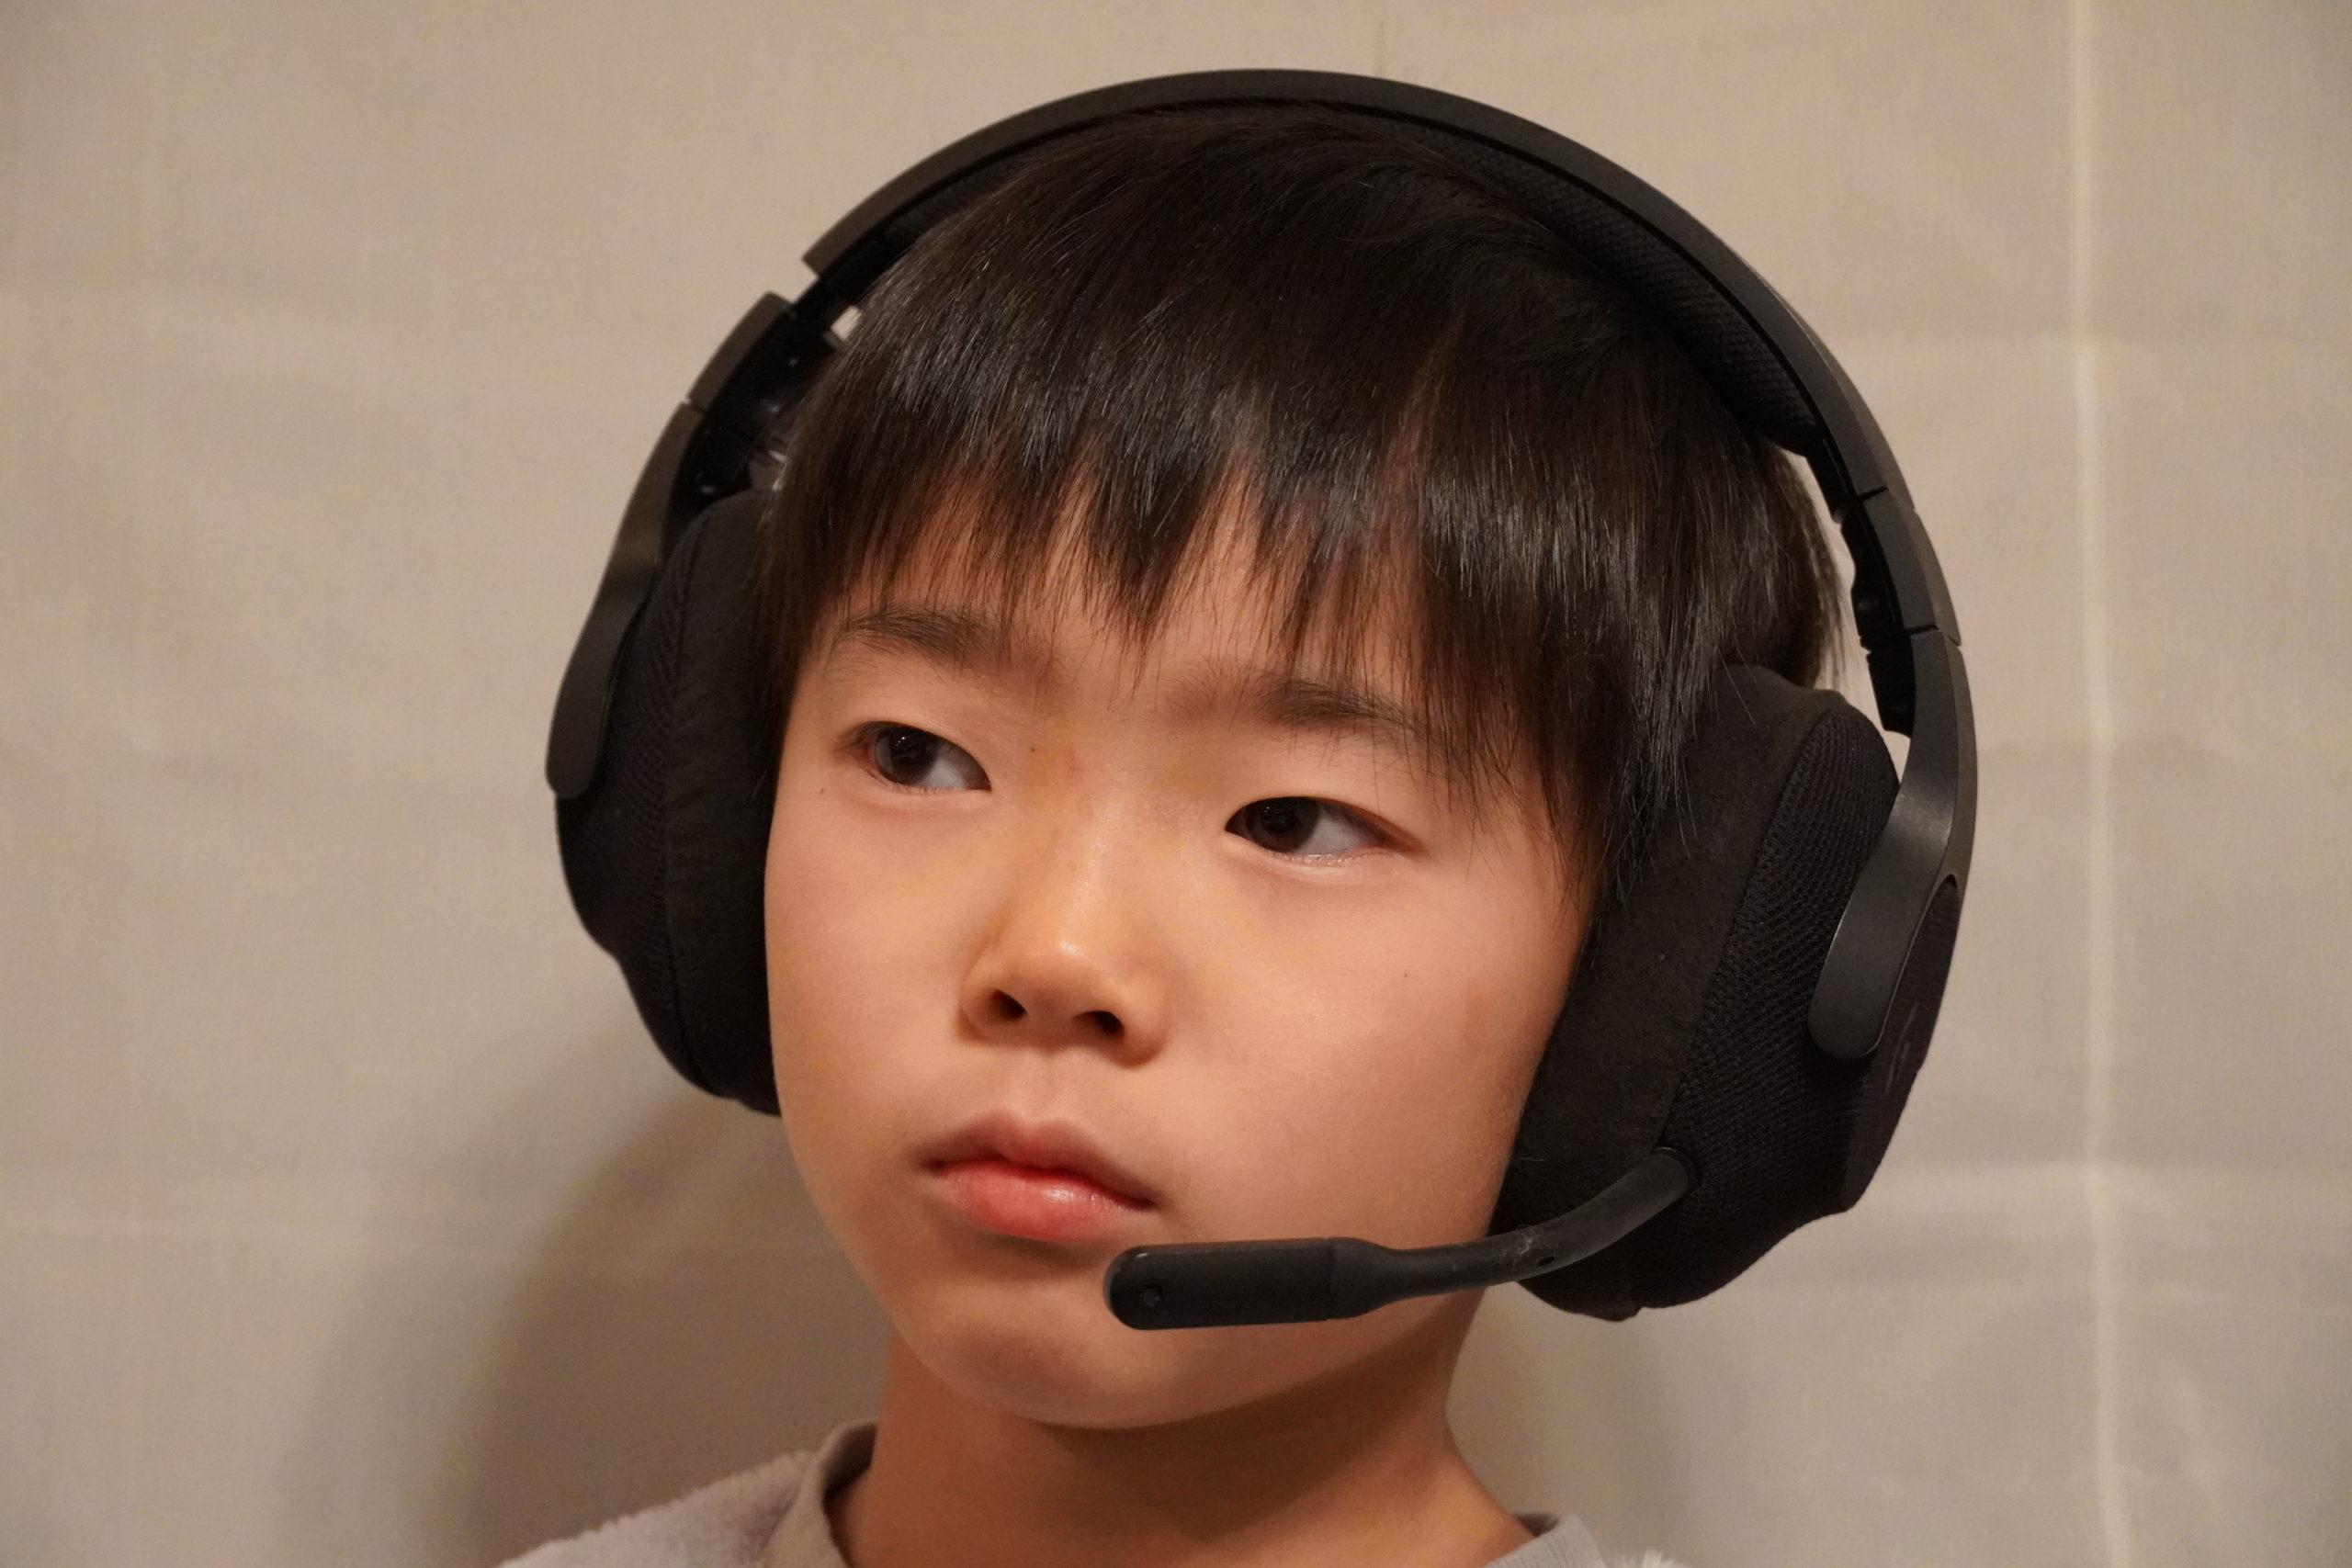 【ゲーミングヘッドセット ロジクール G433 レビュー】すべてが平均点以上!?初めてのゲーミングヘッドセットにおすすめ!!